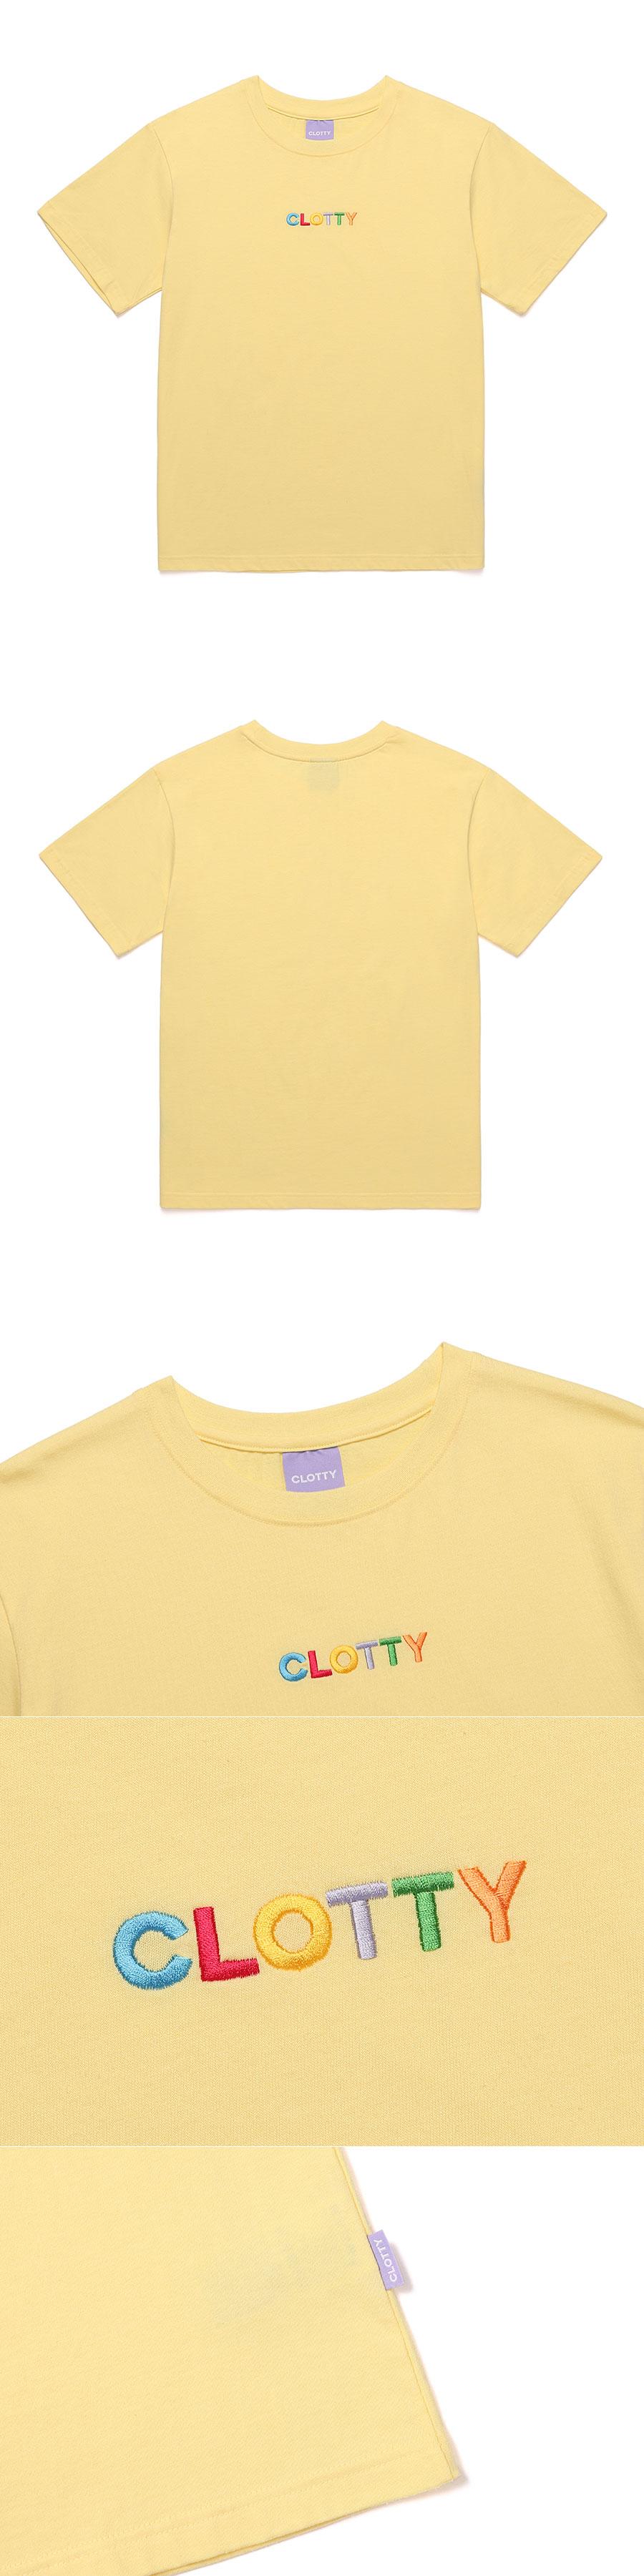 클로티(CLOTTY) RAINBOW LOGO T-SHIRT YELLOW(CY2AMFT511A)